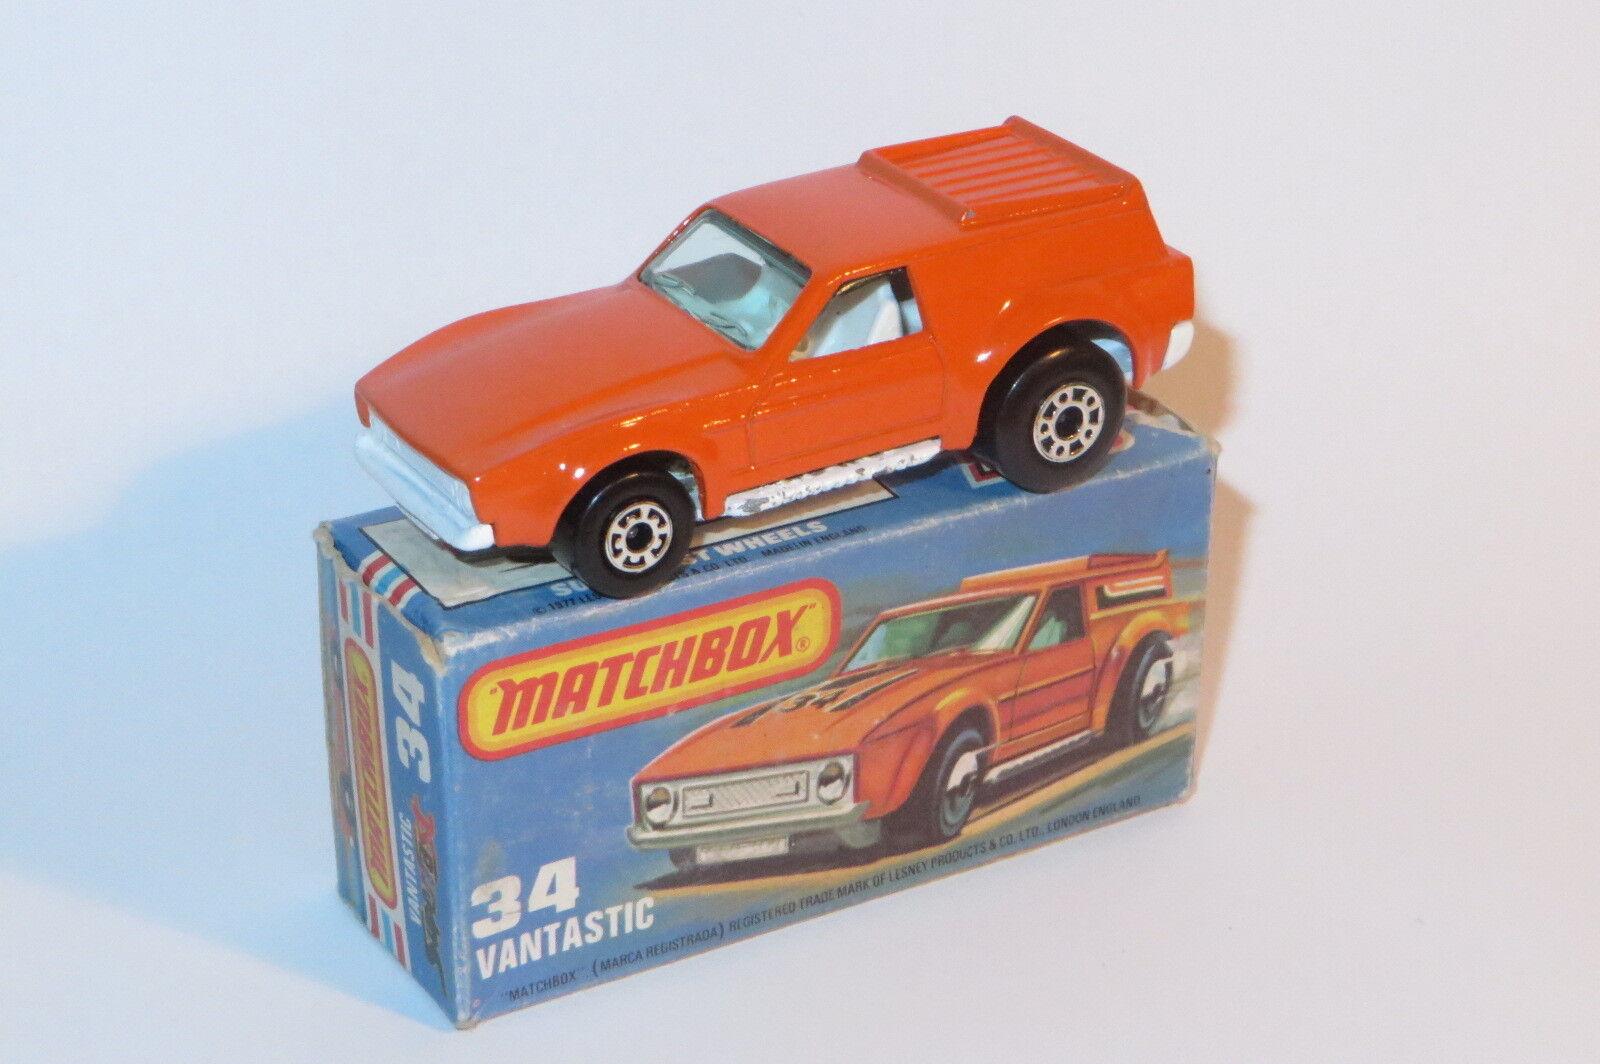 alta calidad general Vintage Matchbox Lesney Casi Nuevo En En En Caja NMIB Vantastic 34 Variante Rara Sin calcomanías  encuentra tu favorito aquí